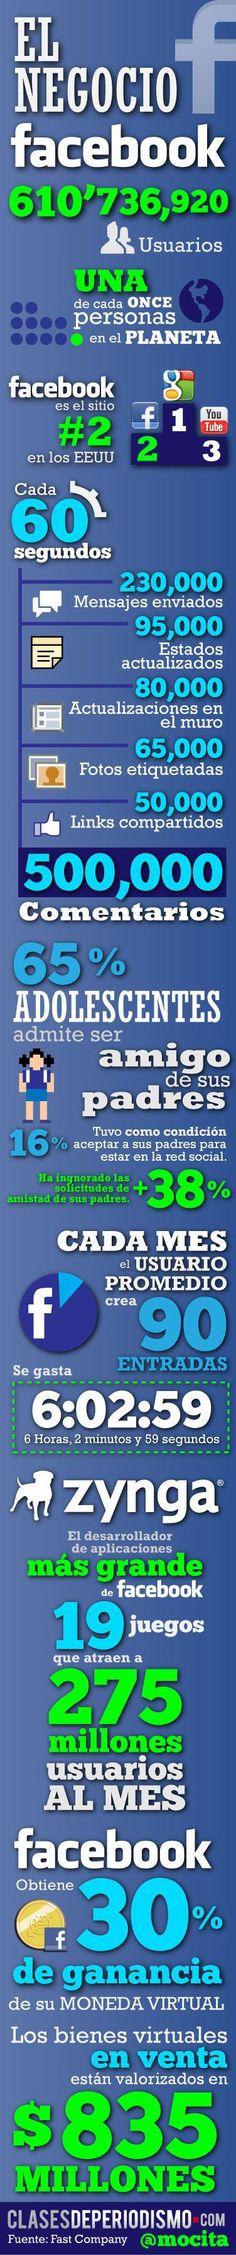 Cifras del negocio FaceBook